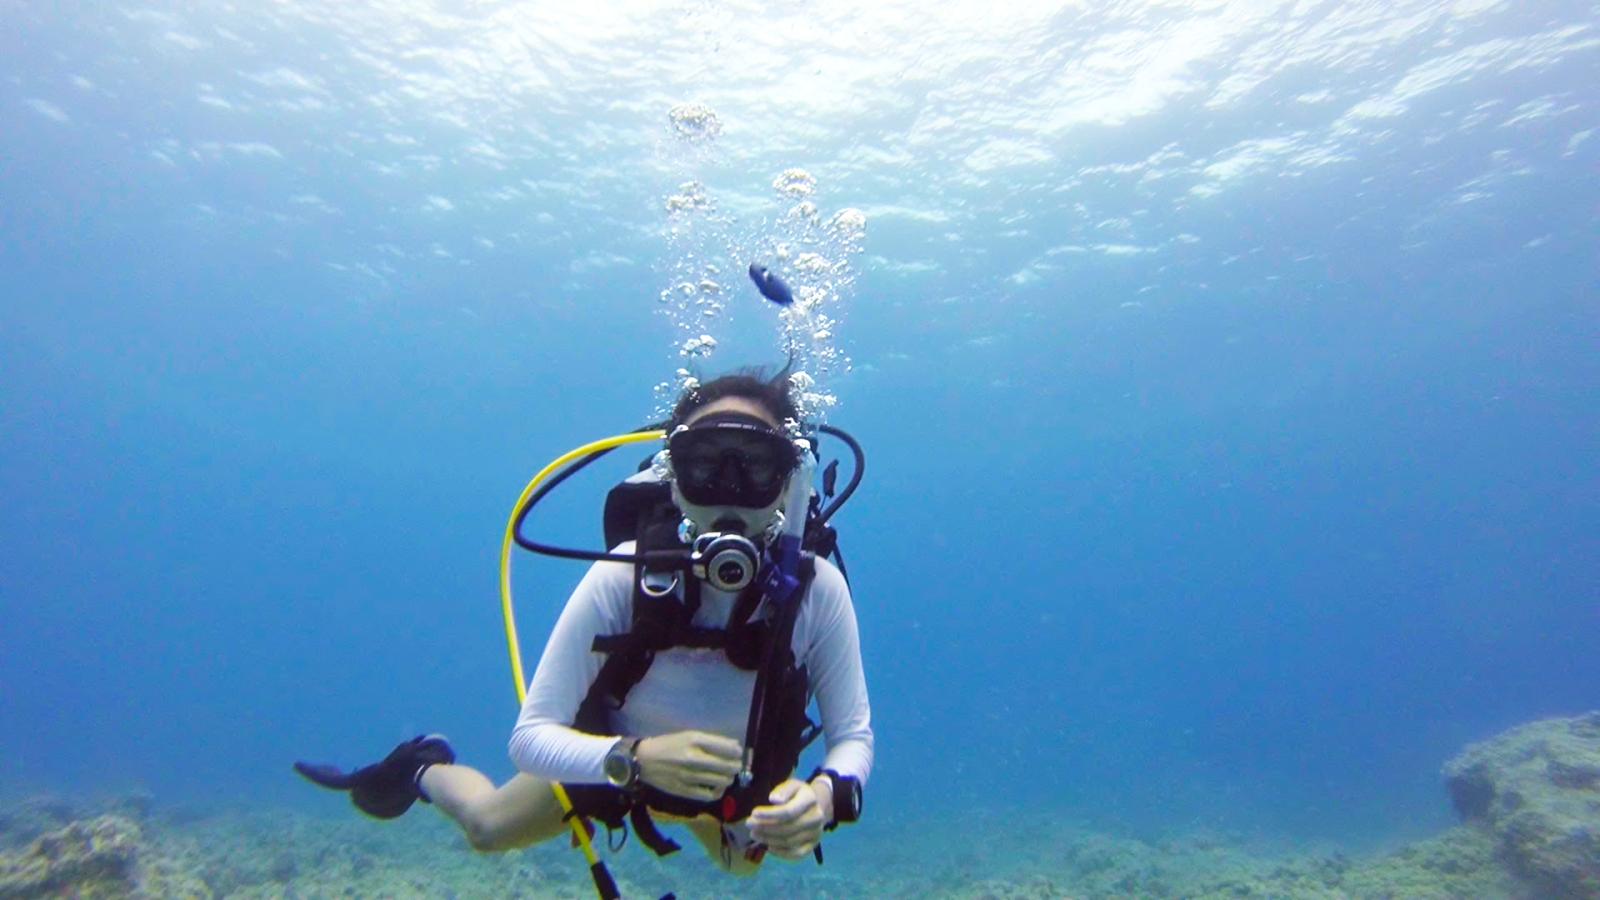 diving at dadi beach, guam